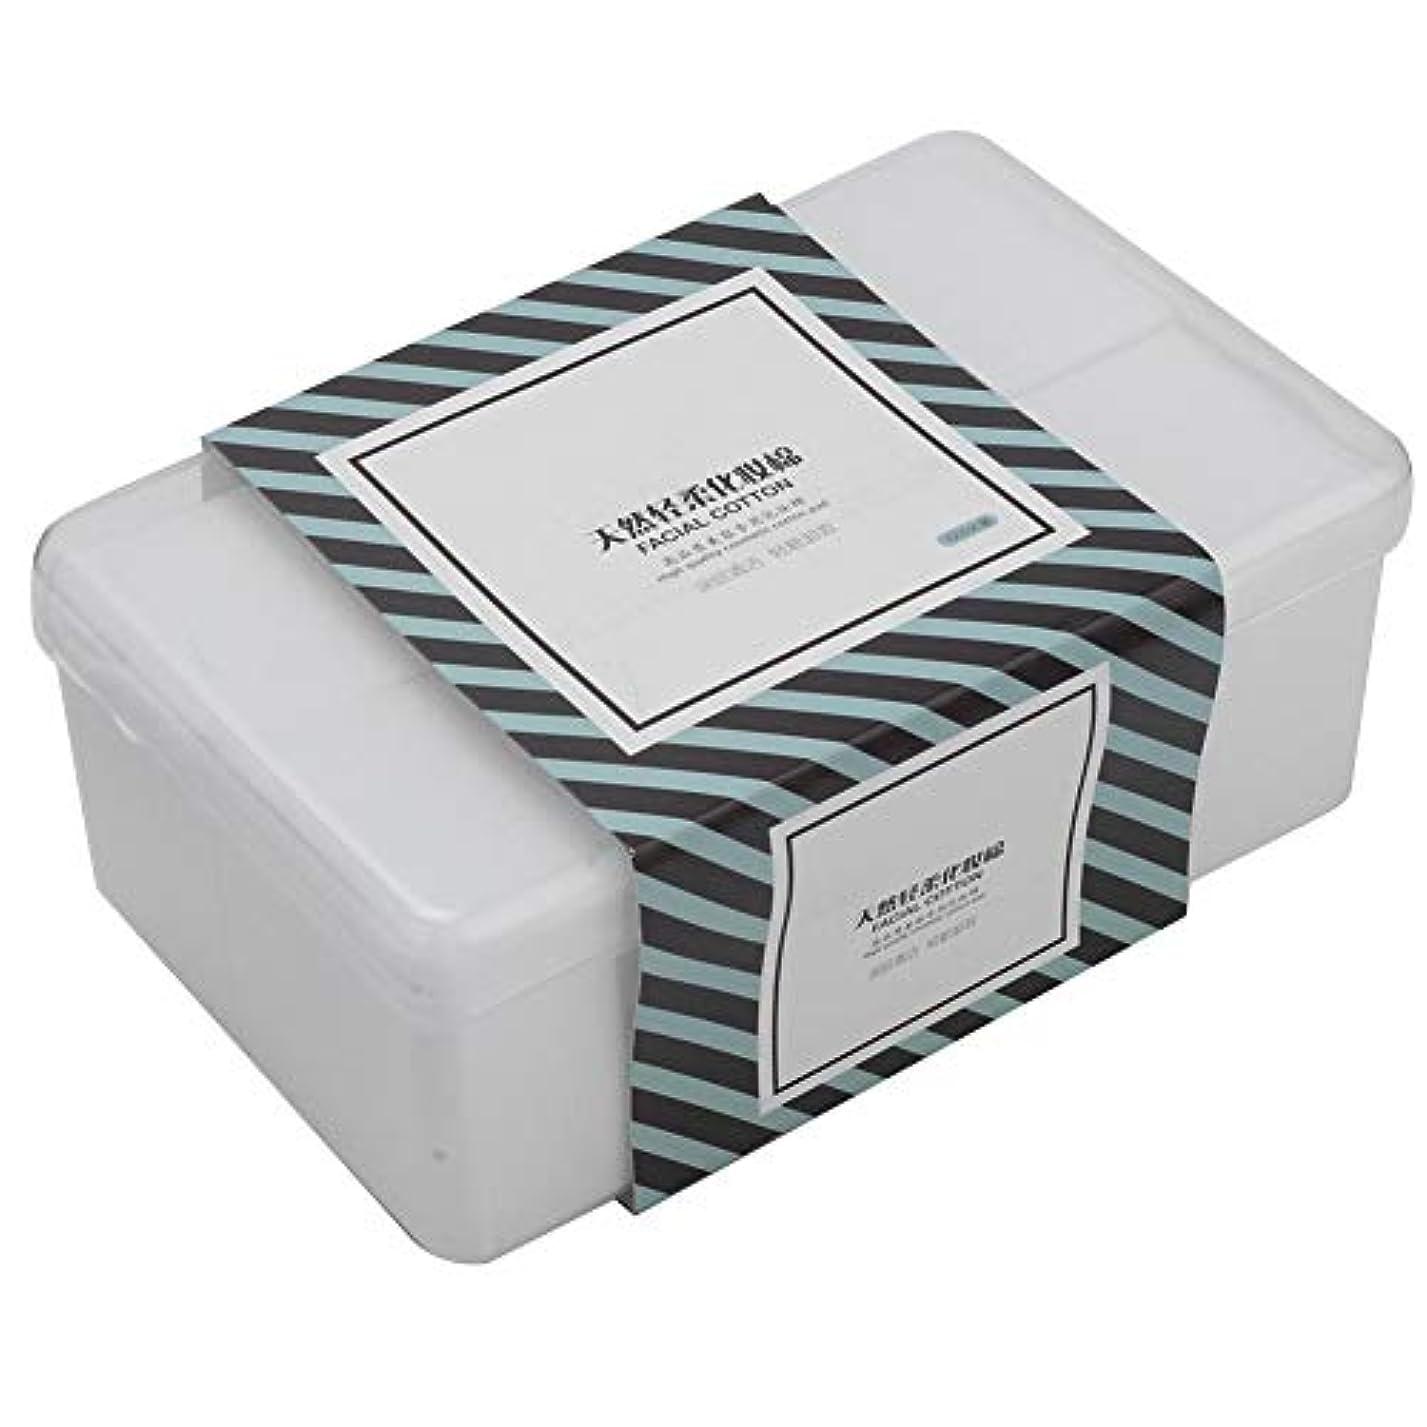 福祉フォーマル呼びかける1000枚 /箱の構造の綿パッドの化粧品は清潔になりますスキンケアを拭きます